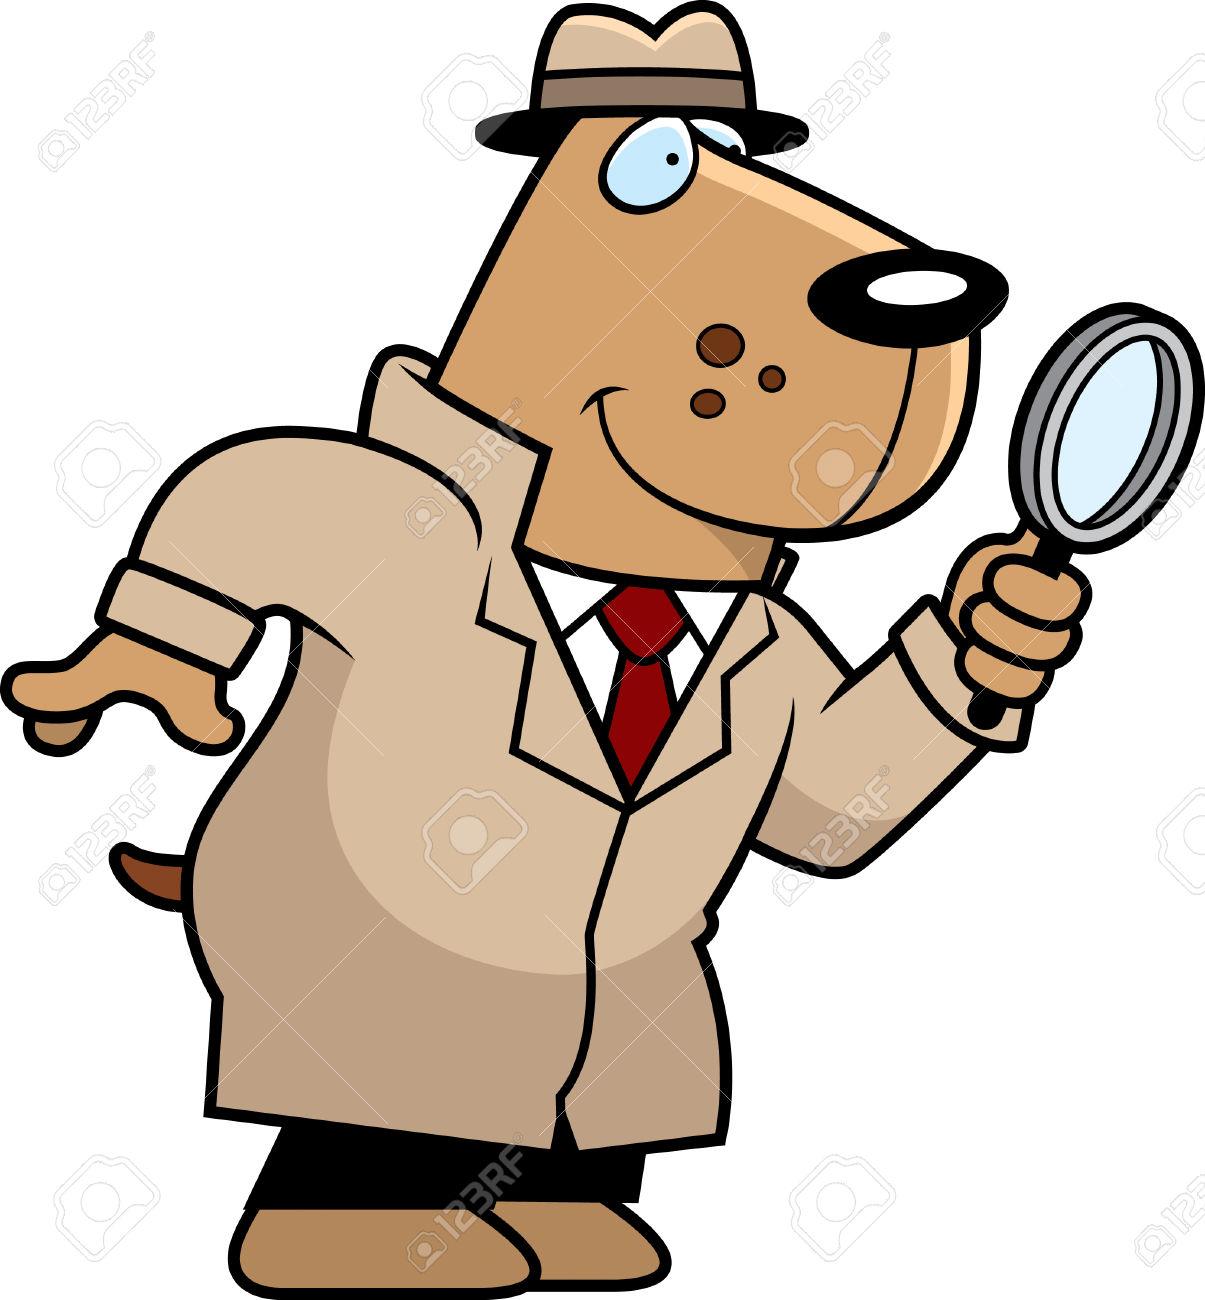 Animal clipart detective Clipart ClipartFest detetive detective Dog